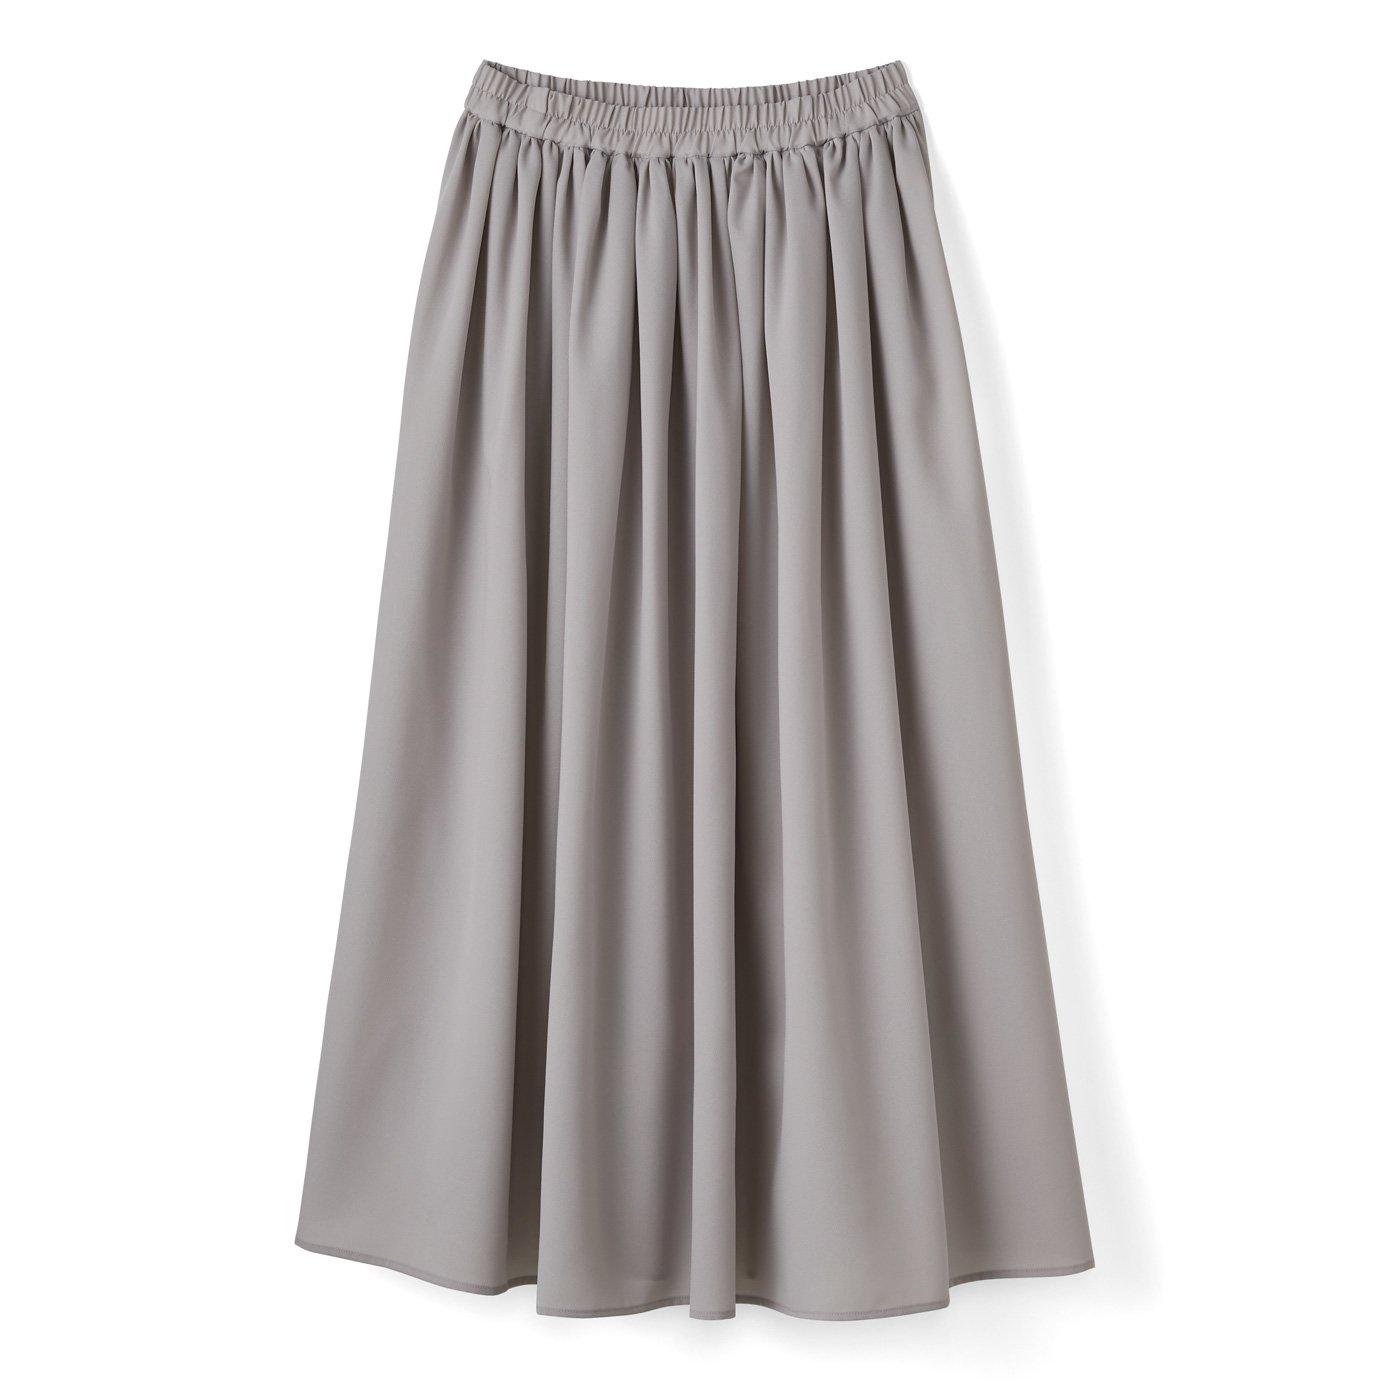 ふんわりギャザースカート〈ライトグレー〉